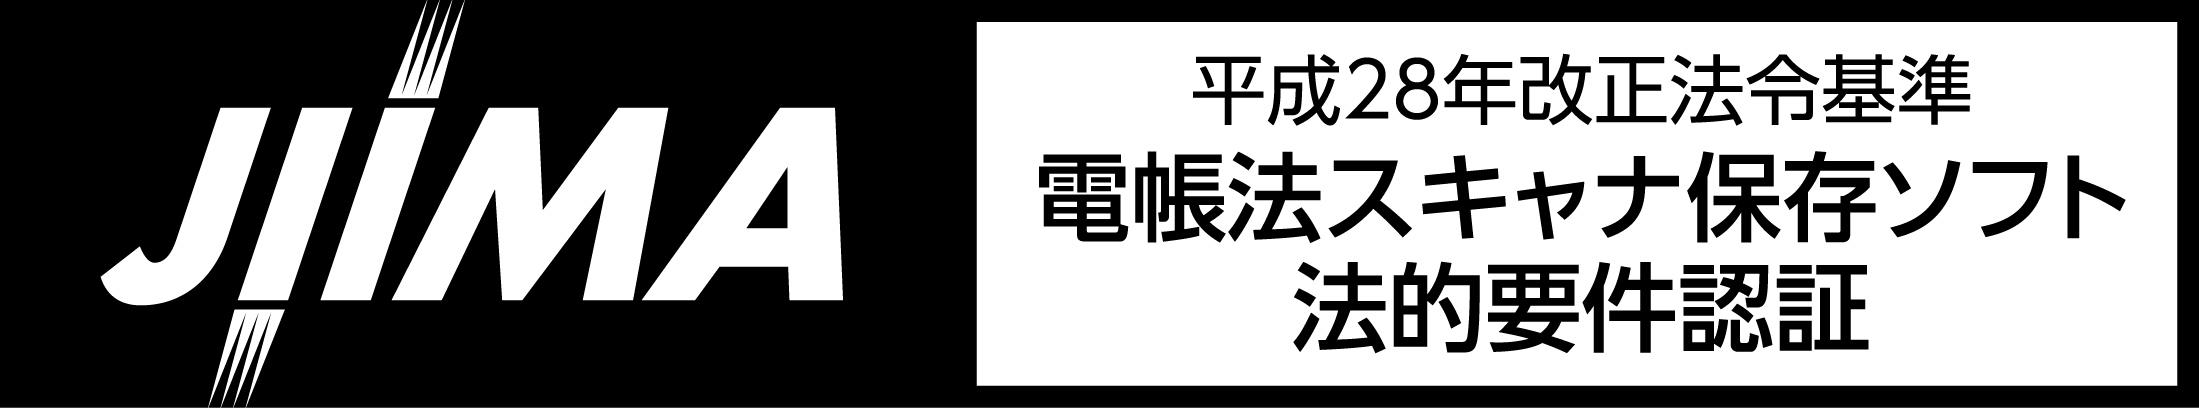 JIIMA_SW_ninshou28_B_B&W.jpg